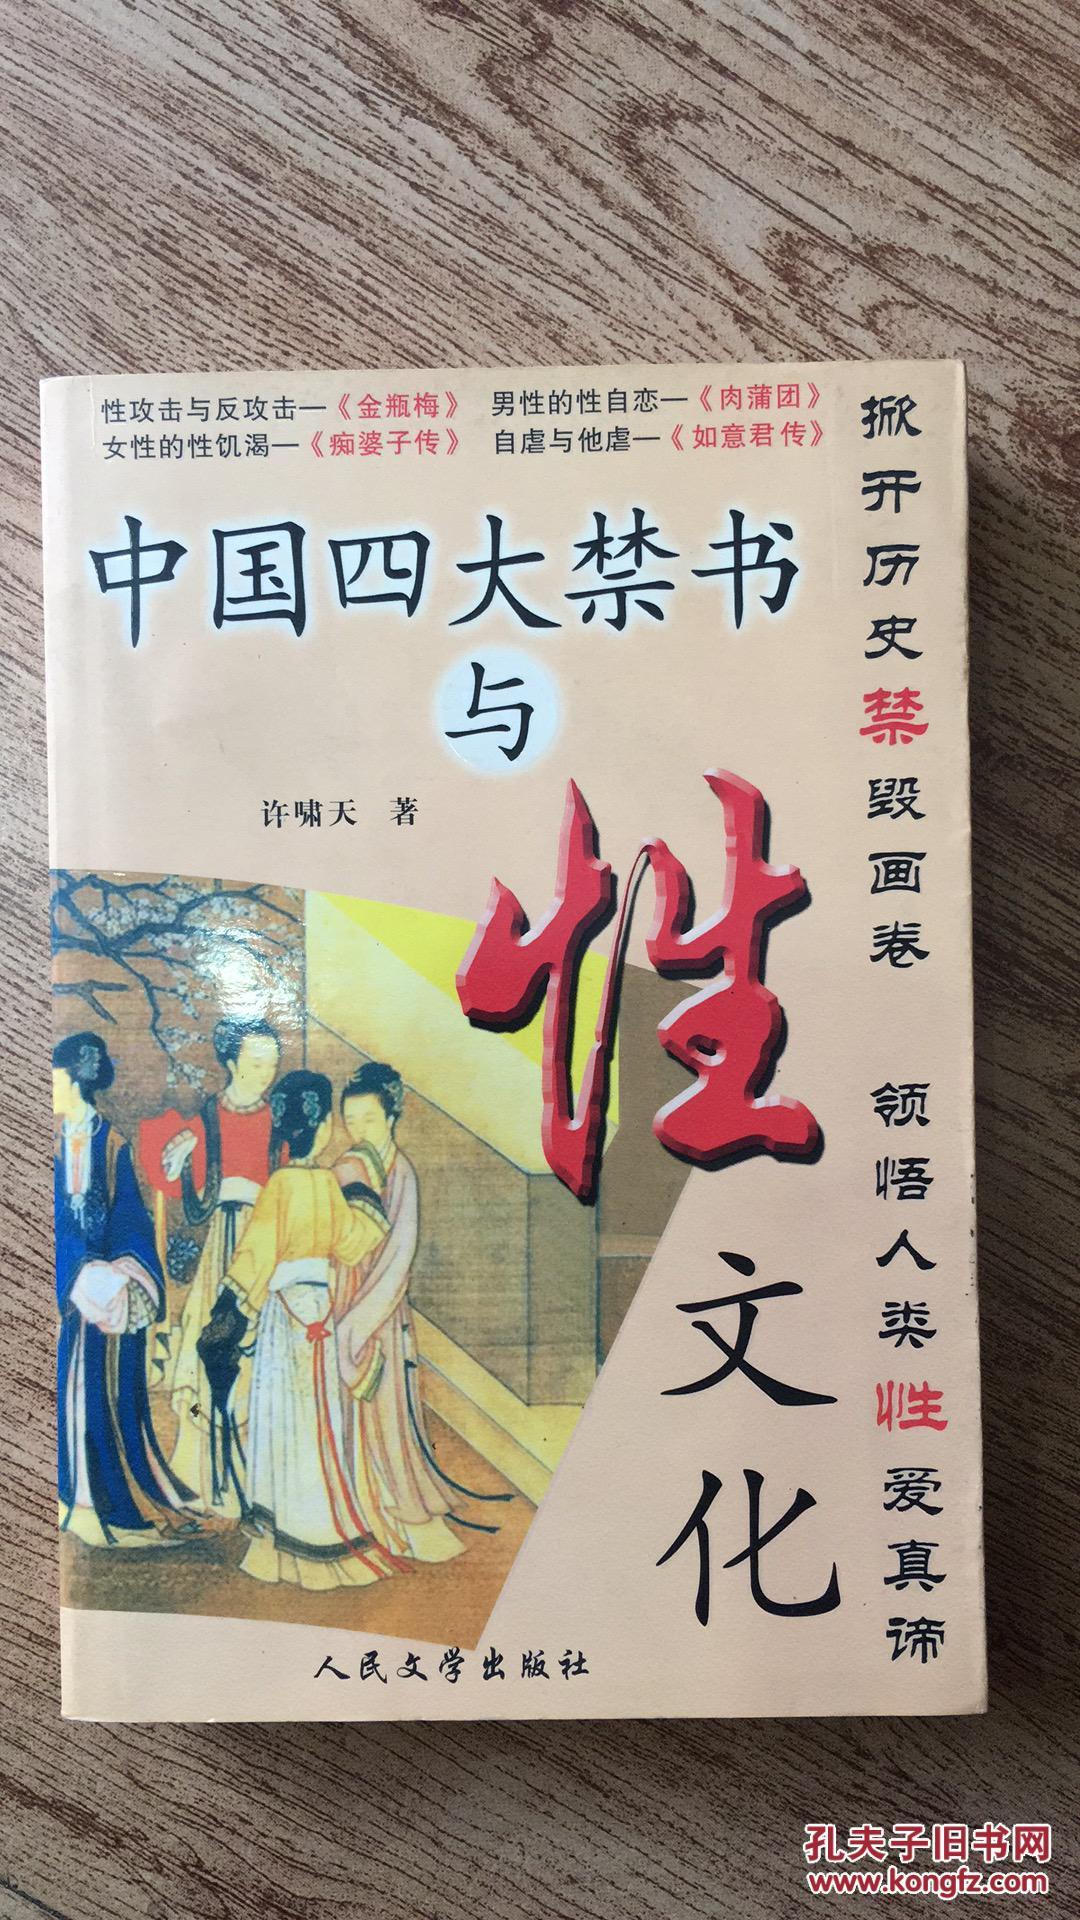 中国现代禁书名单_中国四大禁书与性文化